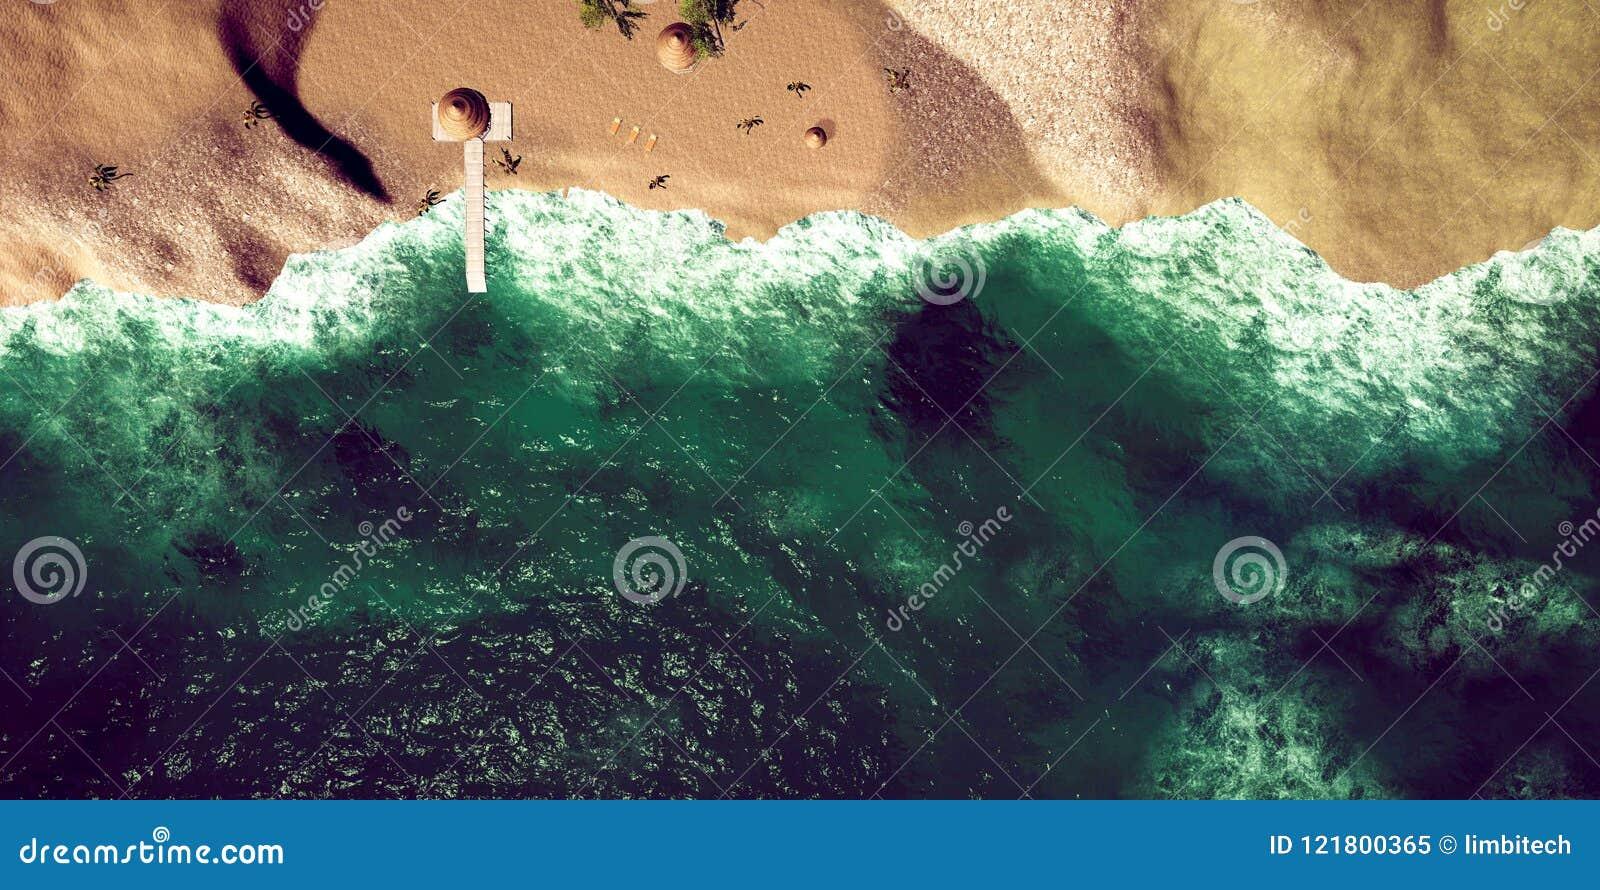 Extrem ausführliche und realistische Illustration der hohen Auflösung 3D des tropischen Strandes